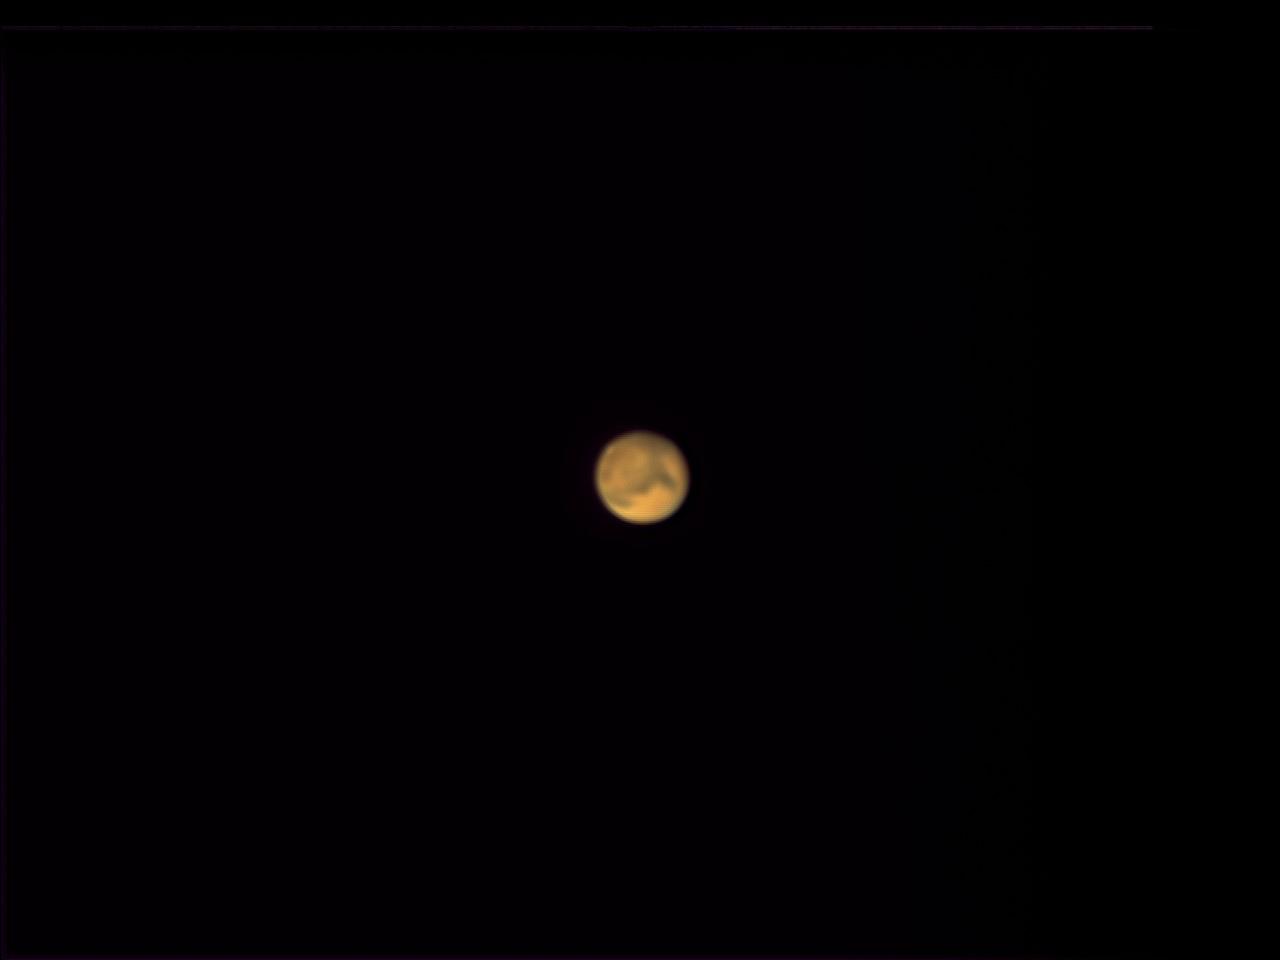 Mars_214428_lapl5_ap44 (2).jpg